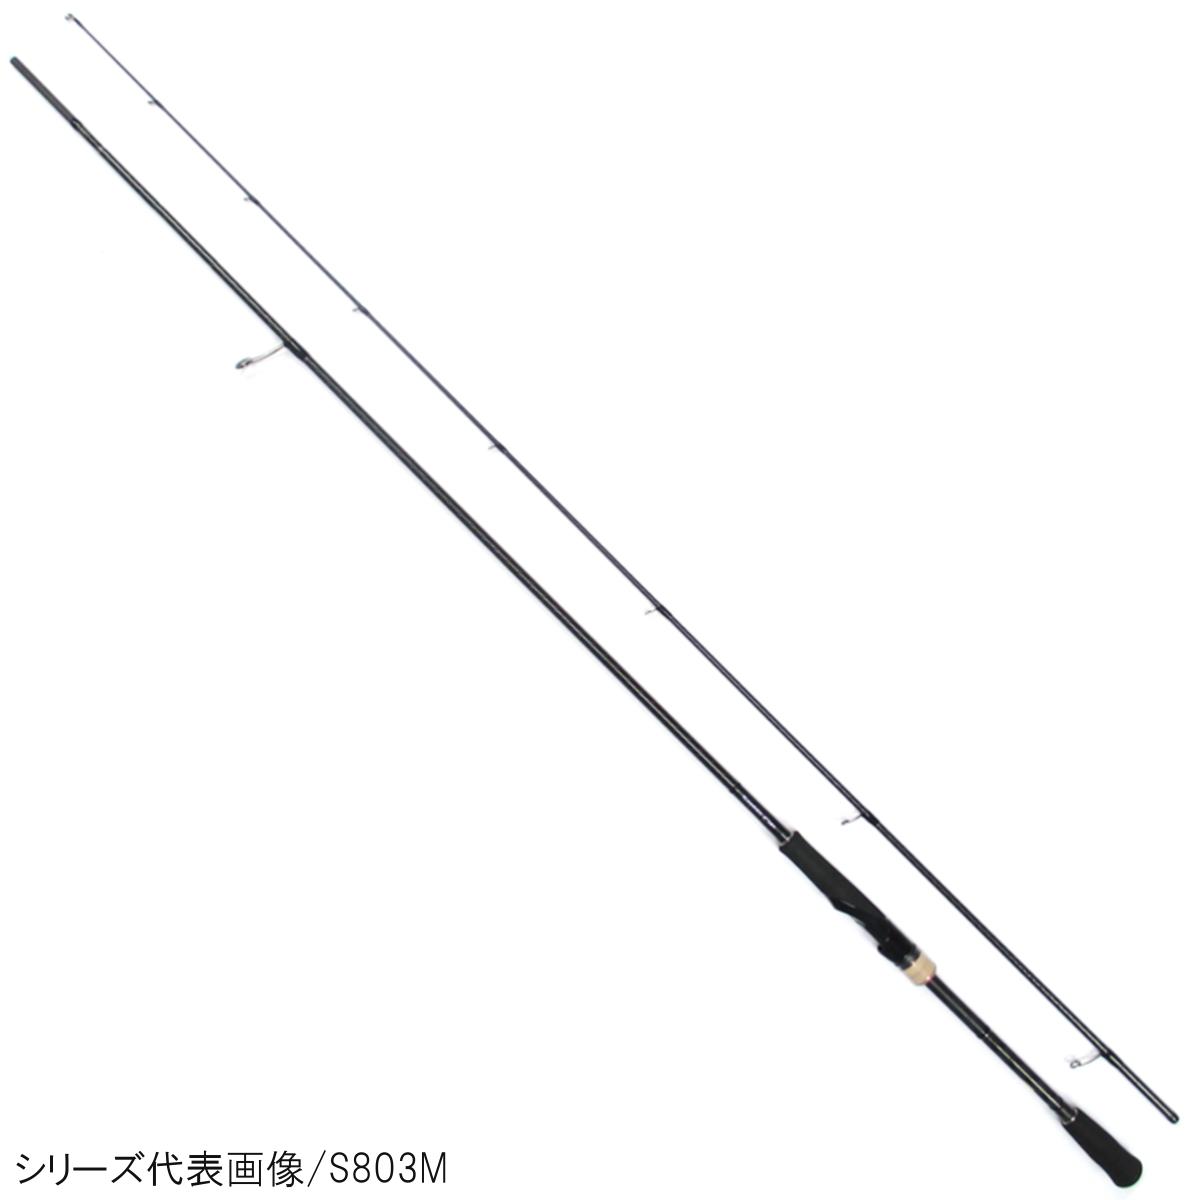 シマノ セフィアCI4+ S810M【大型商品】